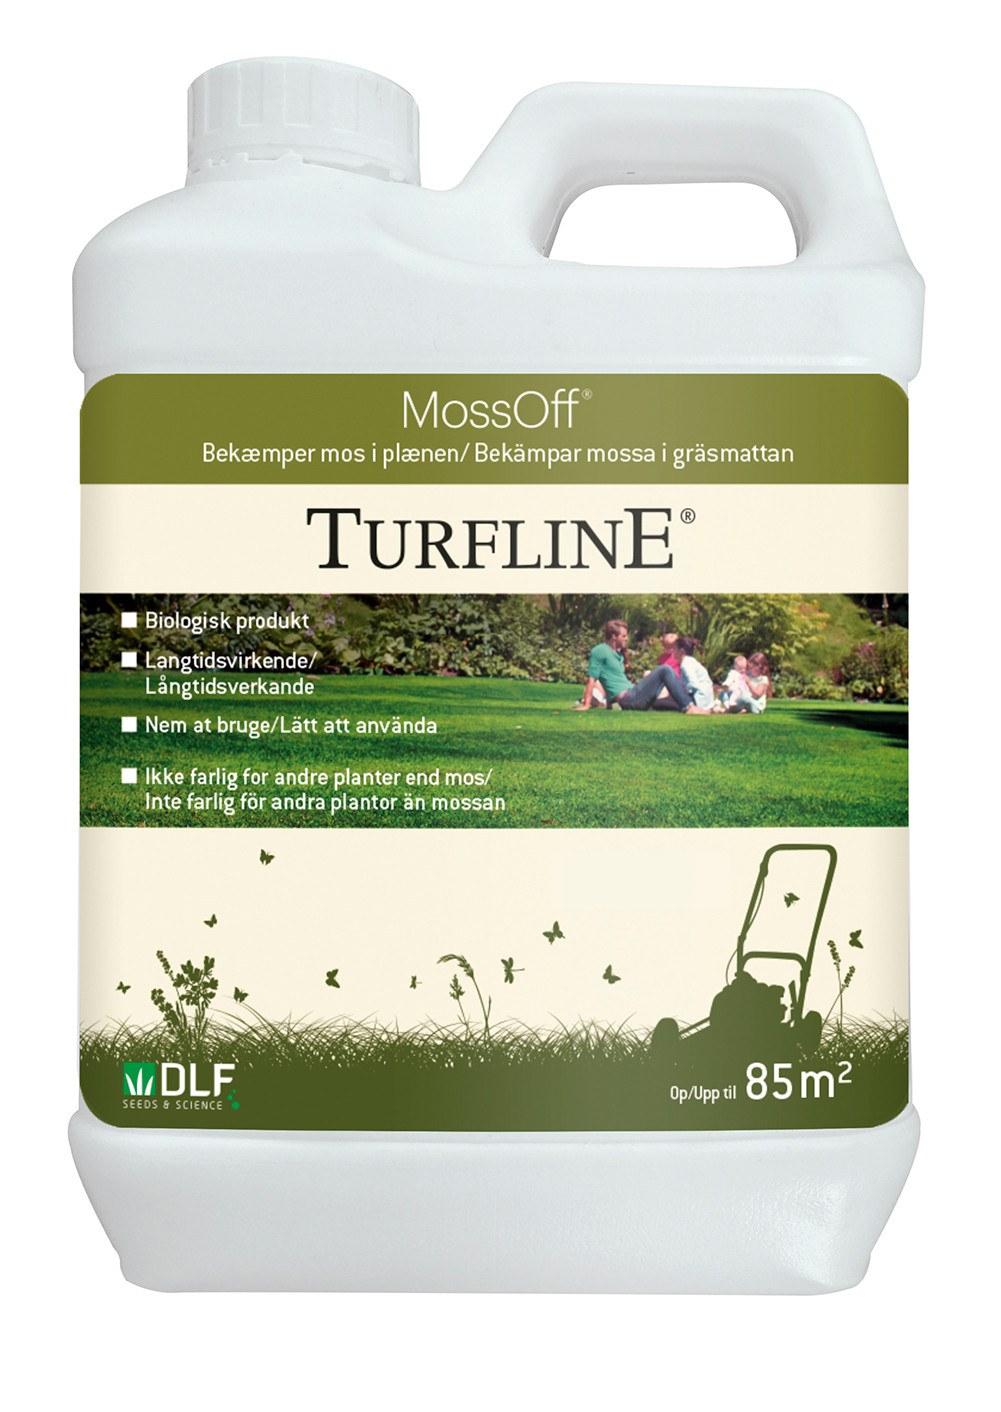 Turfline Moss Off - bekæmper mos i plænen